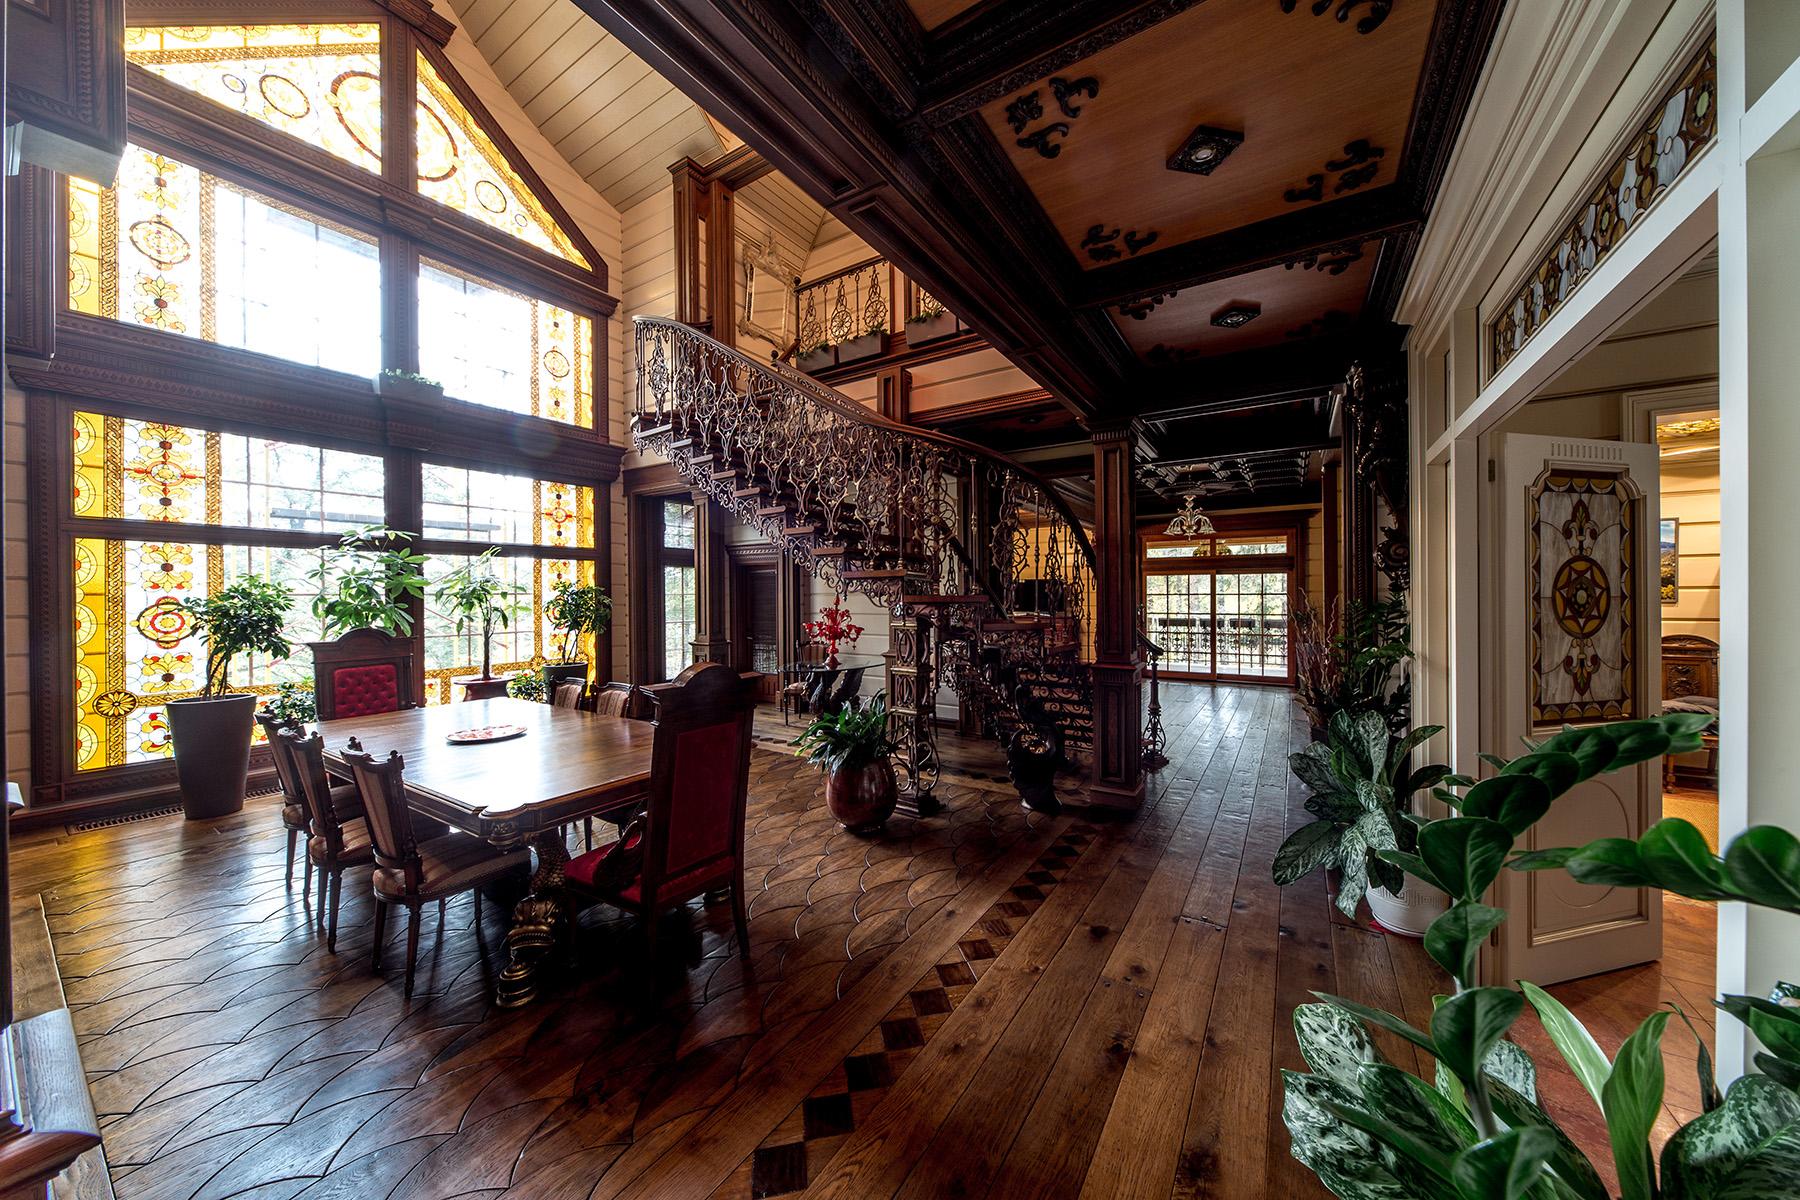 Мой дом – моя крепость. Дизайнерские решения для удобства, красоты и безопасности